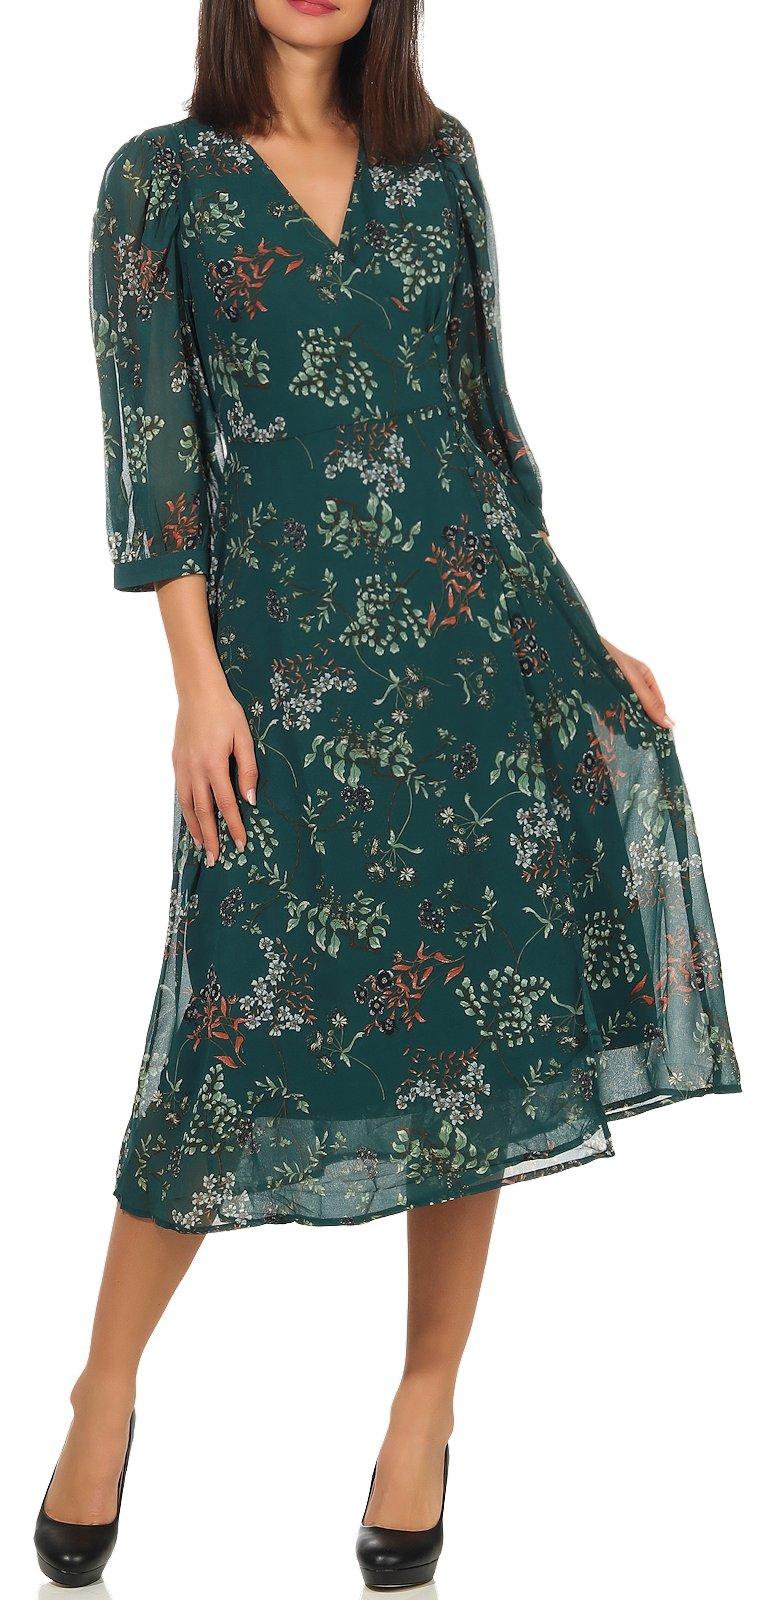 Details zu Damen Kleid Damenkleid Midikleid geblümt Abendkleid 11/11 Ärmel  Vero Moda Julie